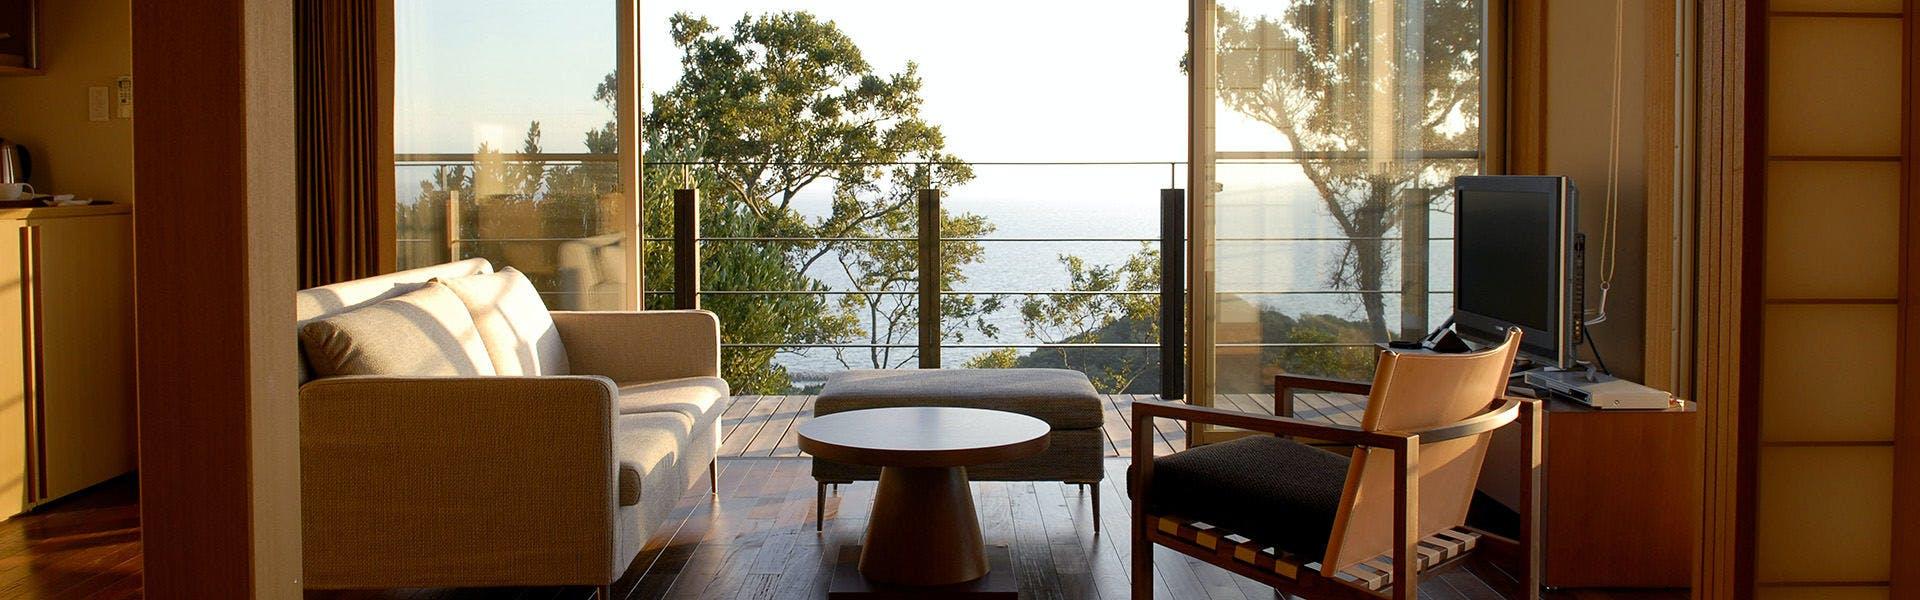 記念日におすすめのホテル・【知多半島 海のしょうげつ】の写真2